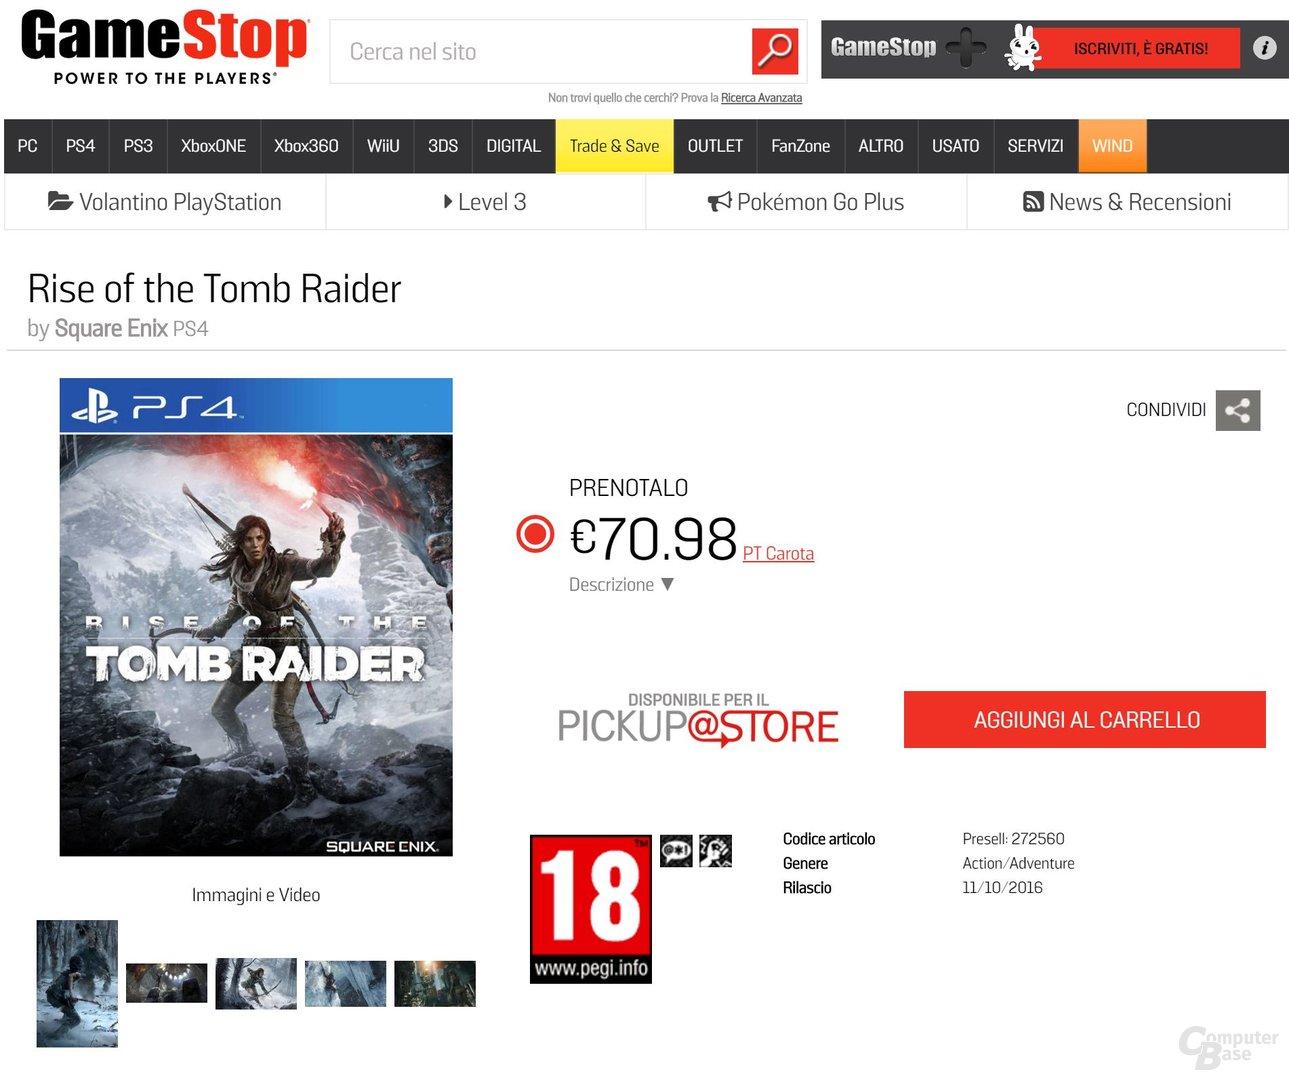 Laut Händlerkette GameStop erscheint das Spiel am 11. Oktober